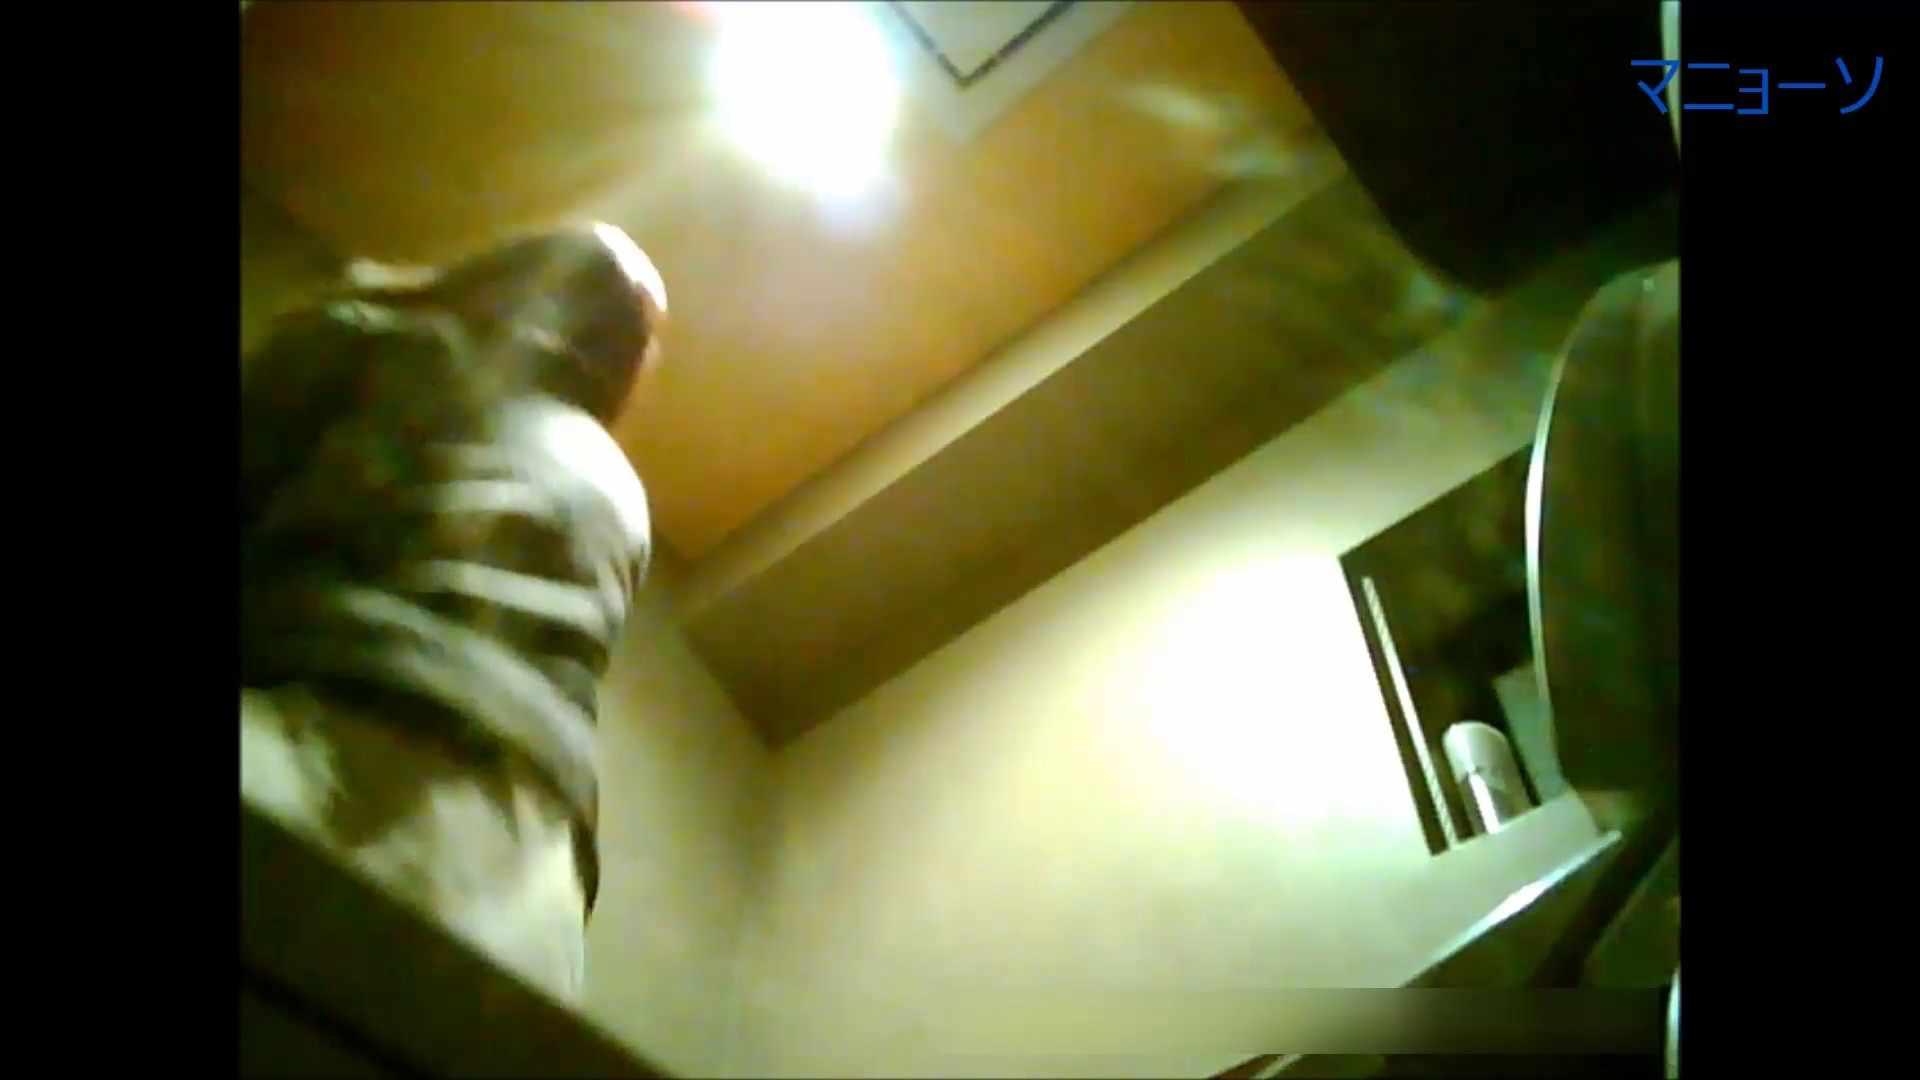 トイレでひと肌脱いでもらいました (JD編)Vol.01 OL  93pic 80